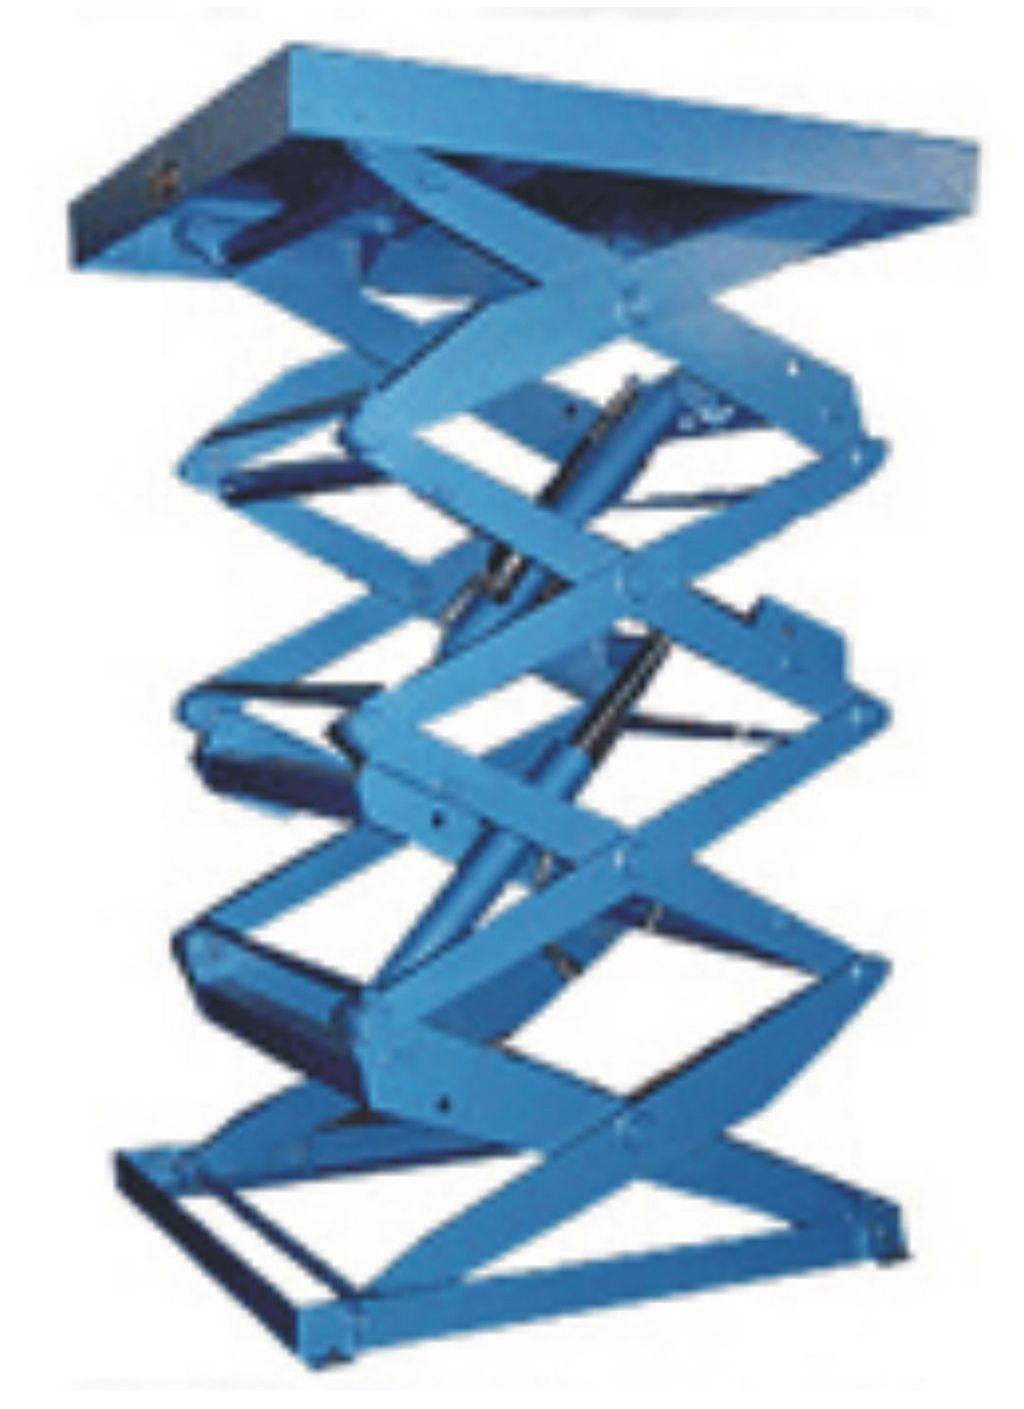 液压升降台产品主要用各种工作层间货物上下运送;立体车库和地下车库图片